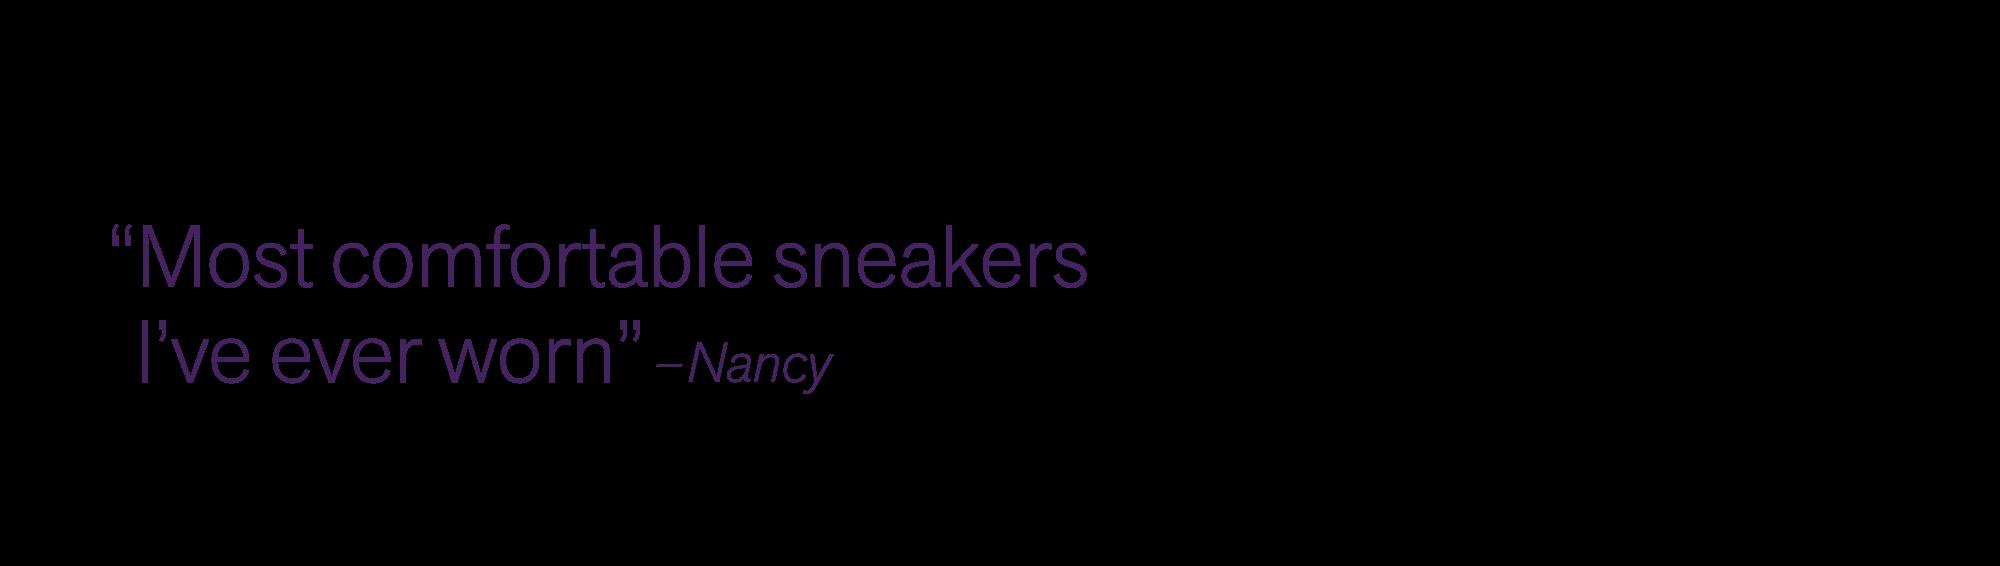 danielle sneakers